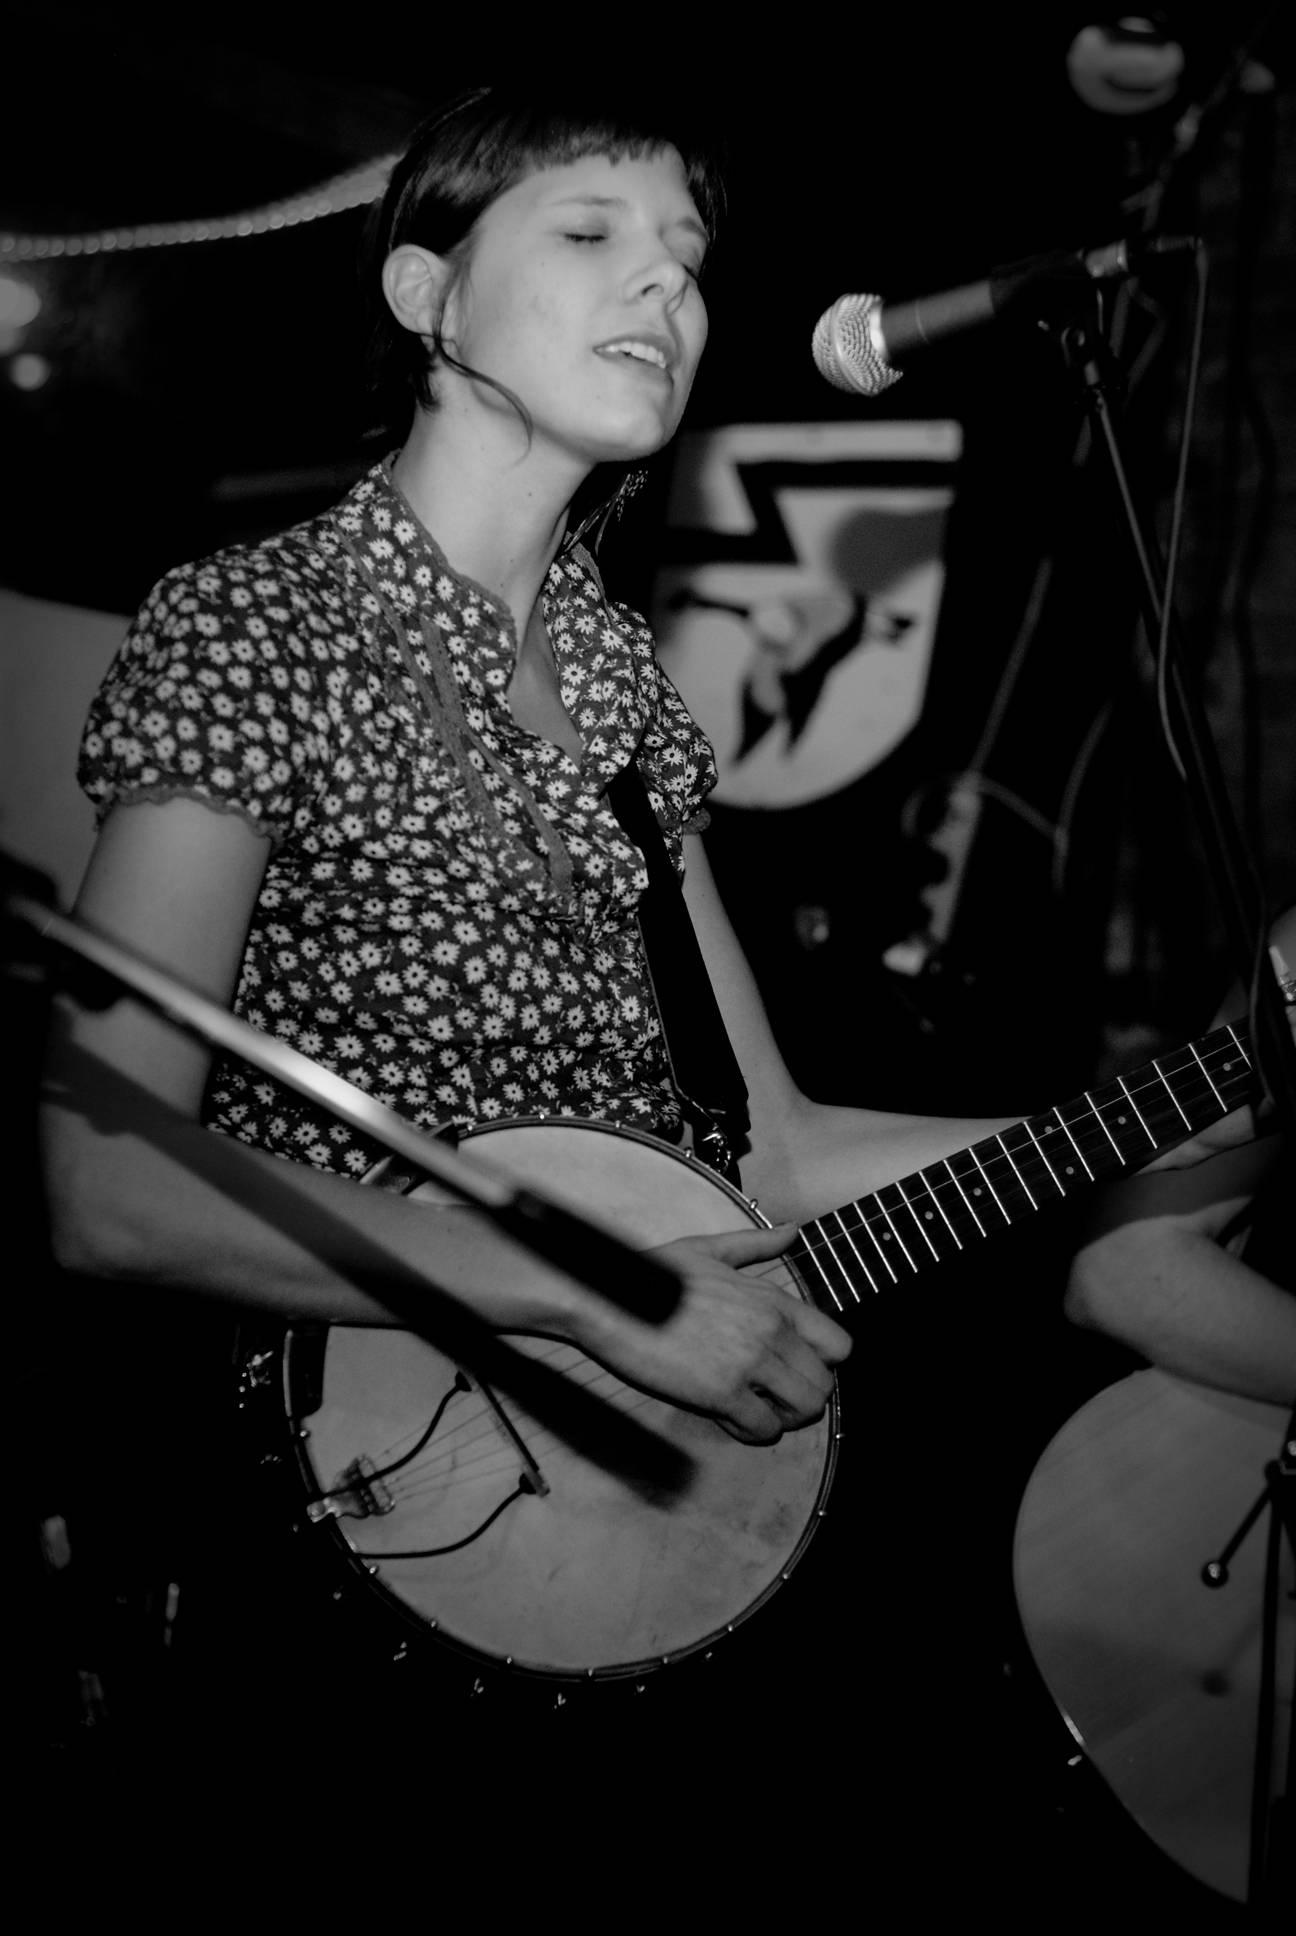 Allison de Groot on claw-hammer banjo.